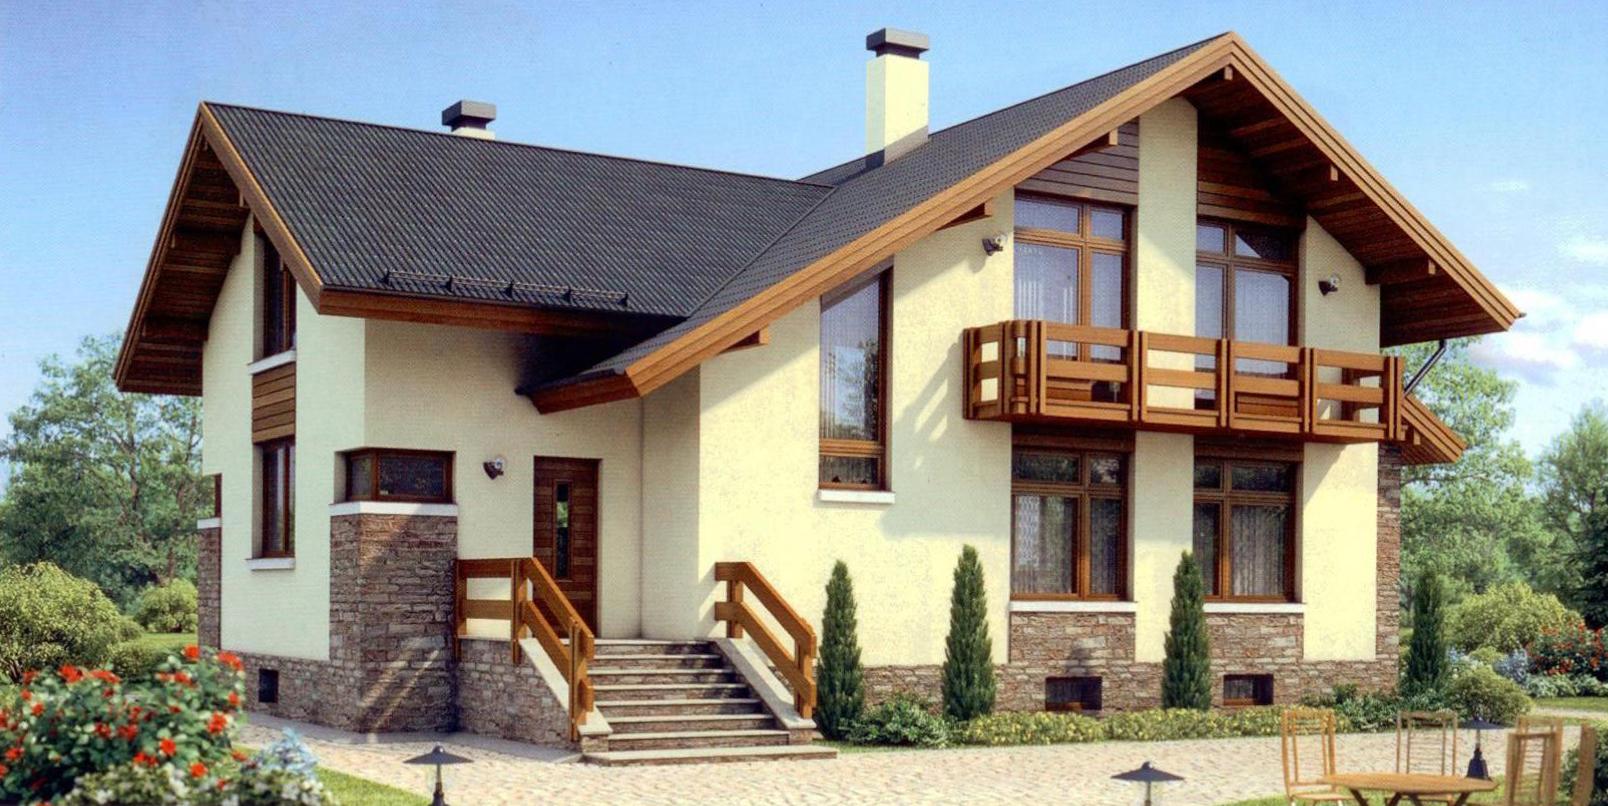 Наружная отделка фасада дома: виды материалов, преимущества, как выбрать